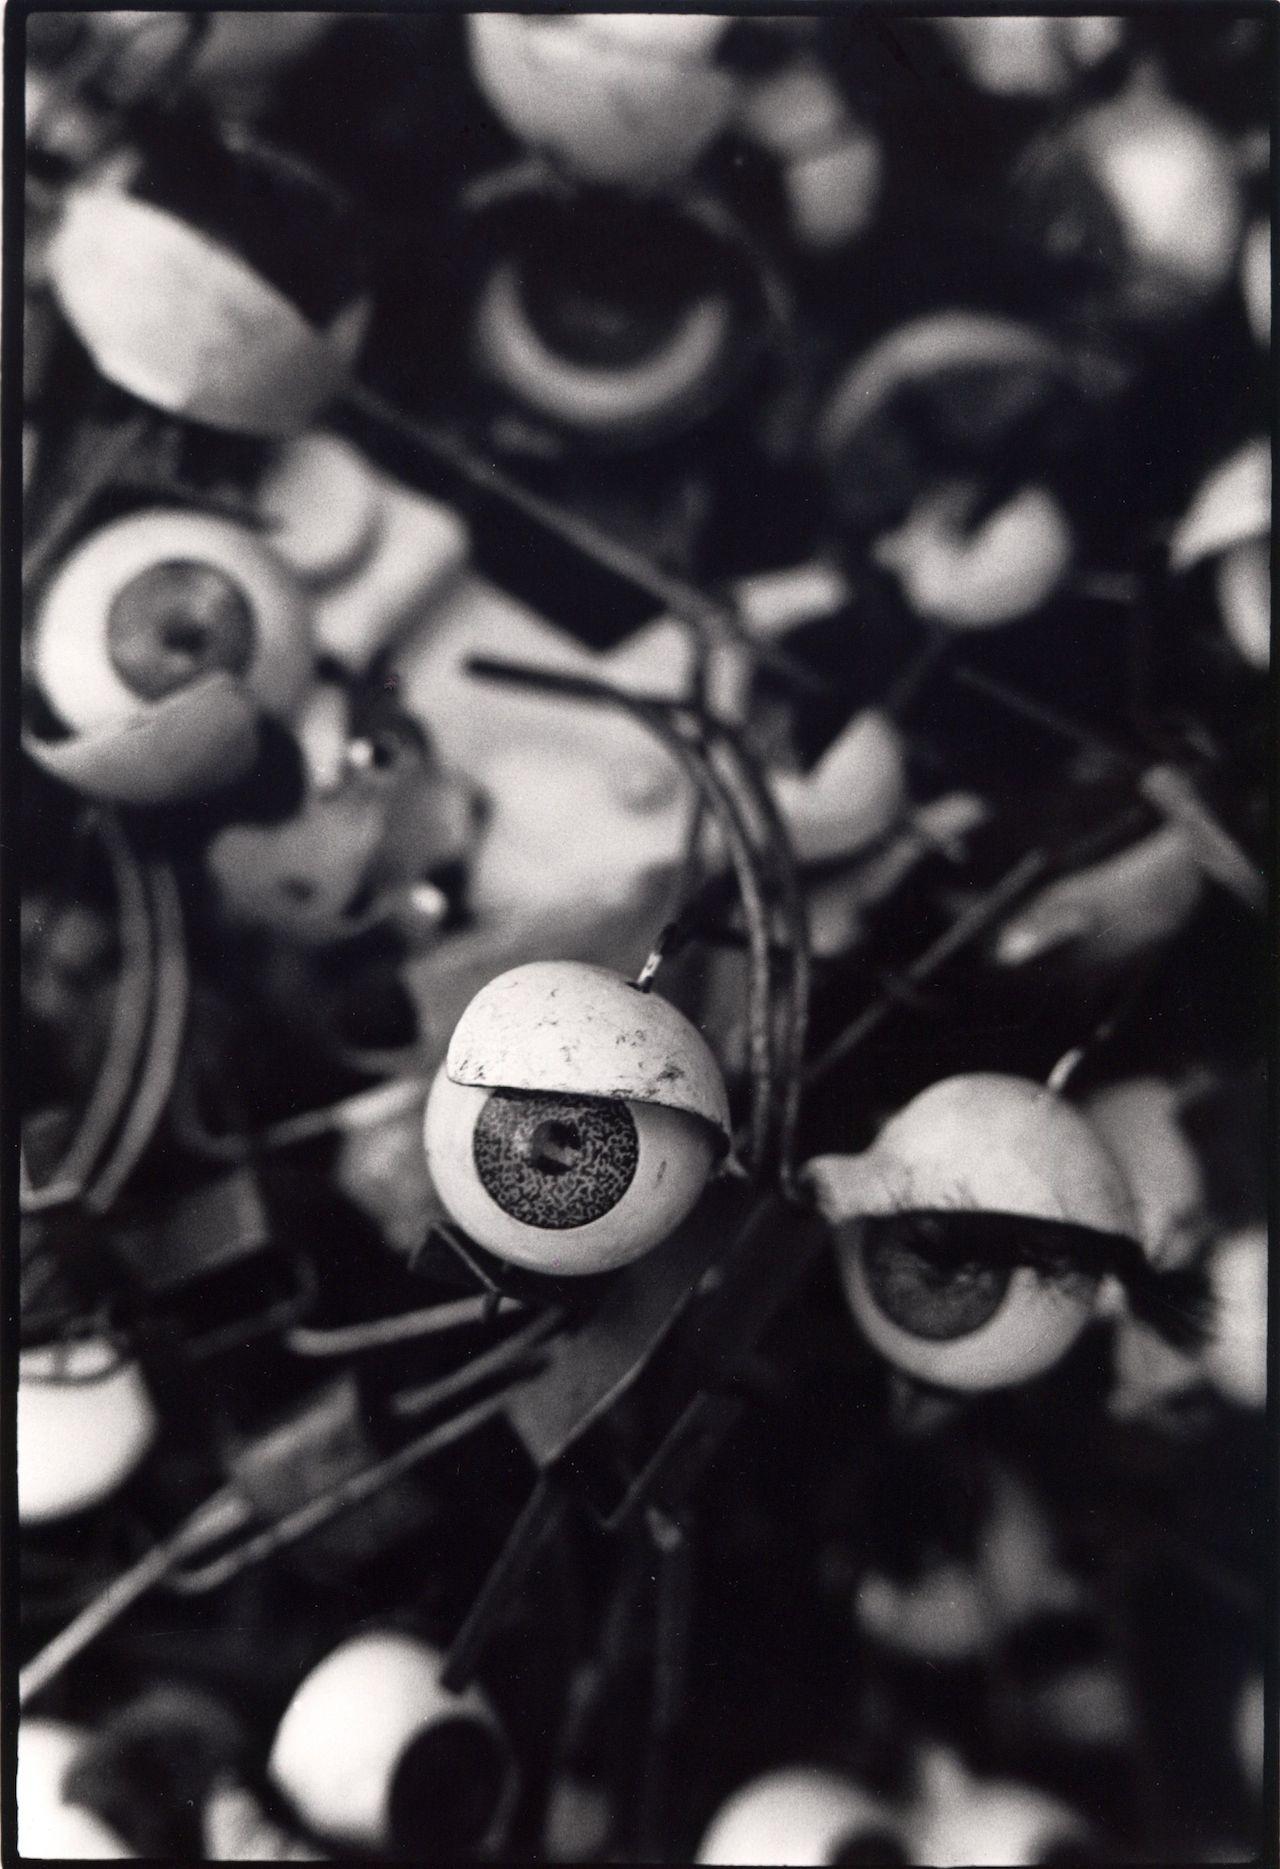 Monique Jacot, Paris 1962, Silbergelatineabzug, © Monique Jacot / Fotostiftung Schweiz, Winterthur